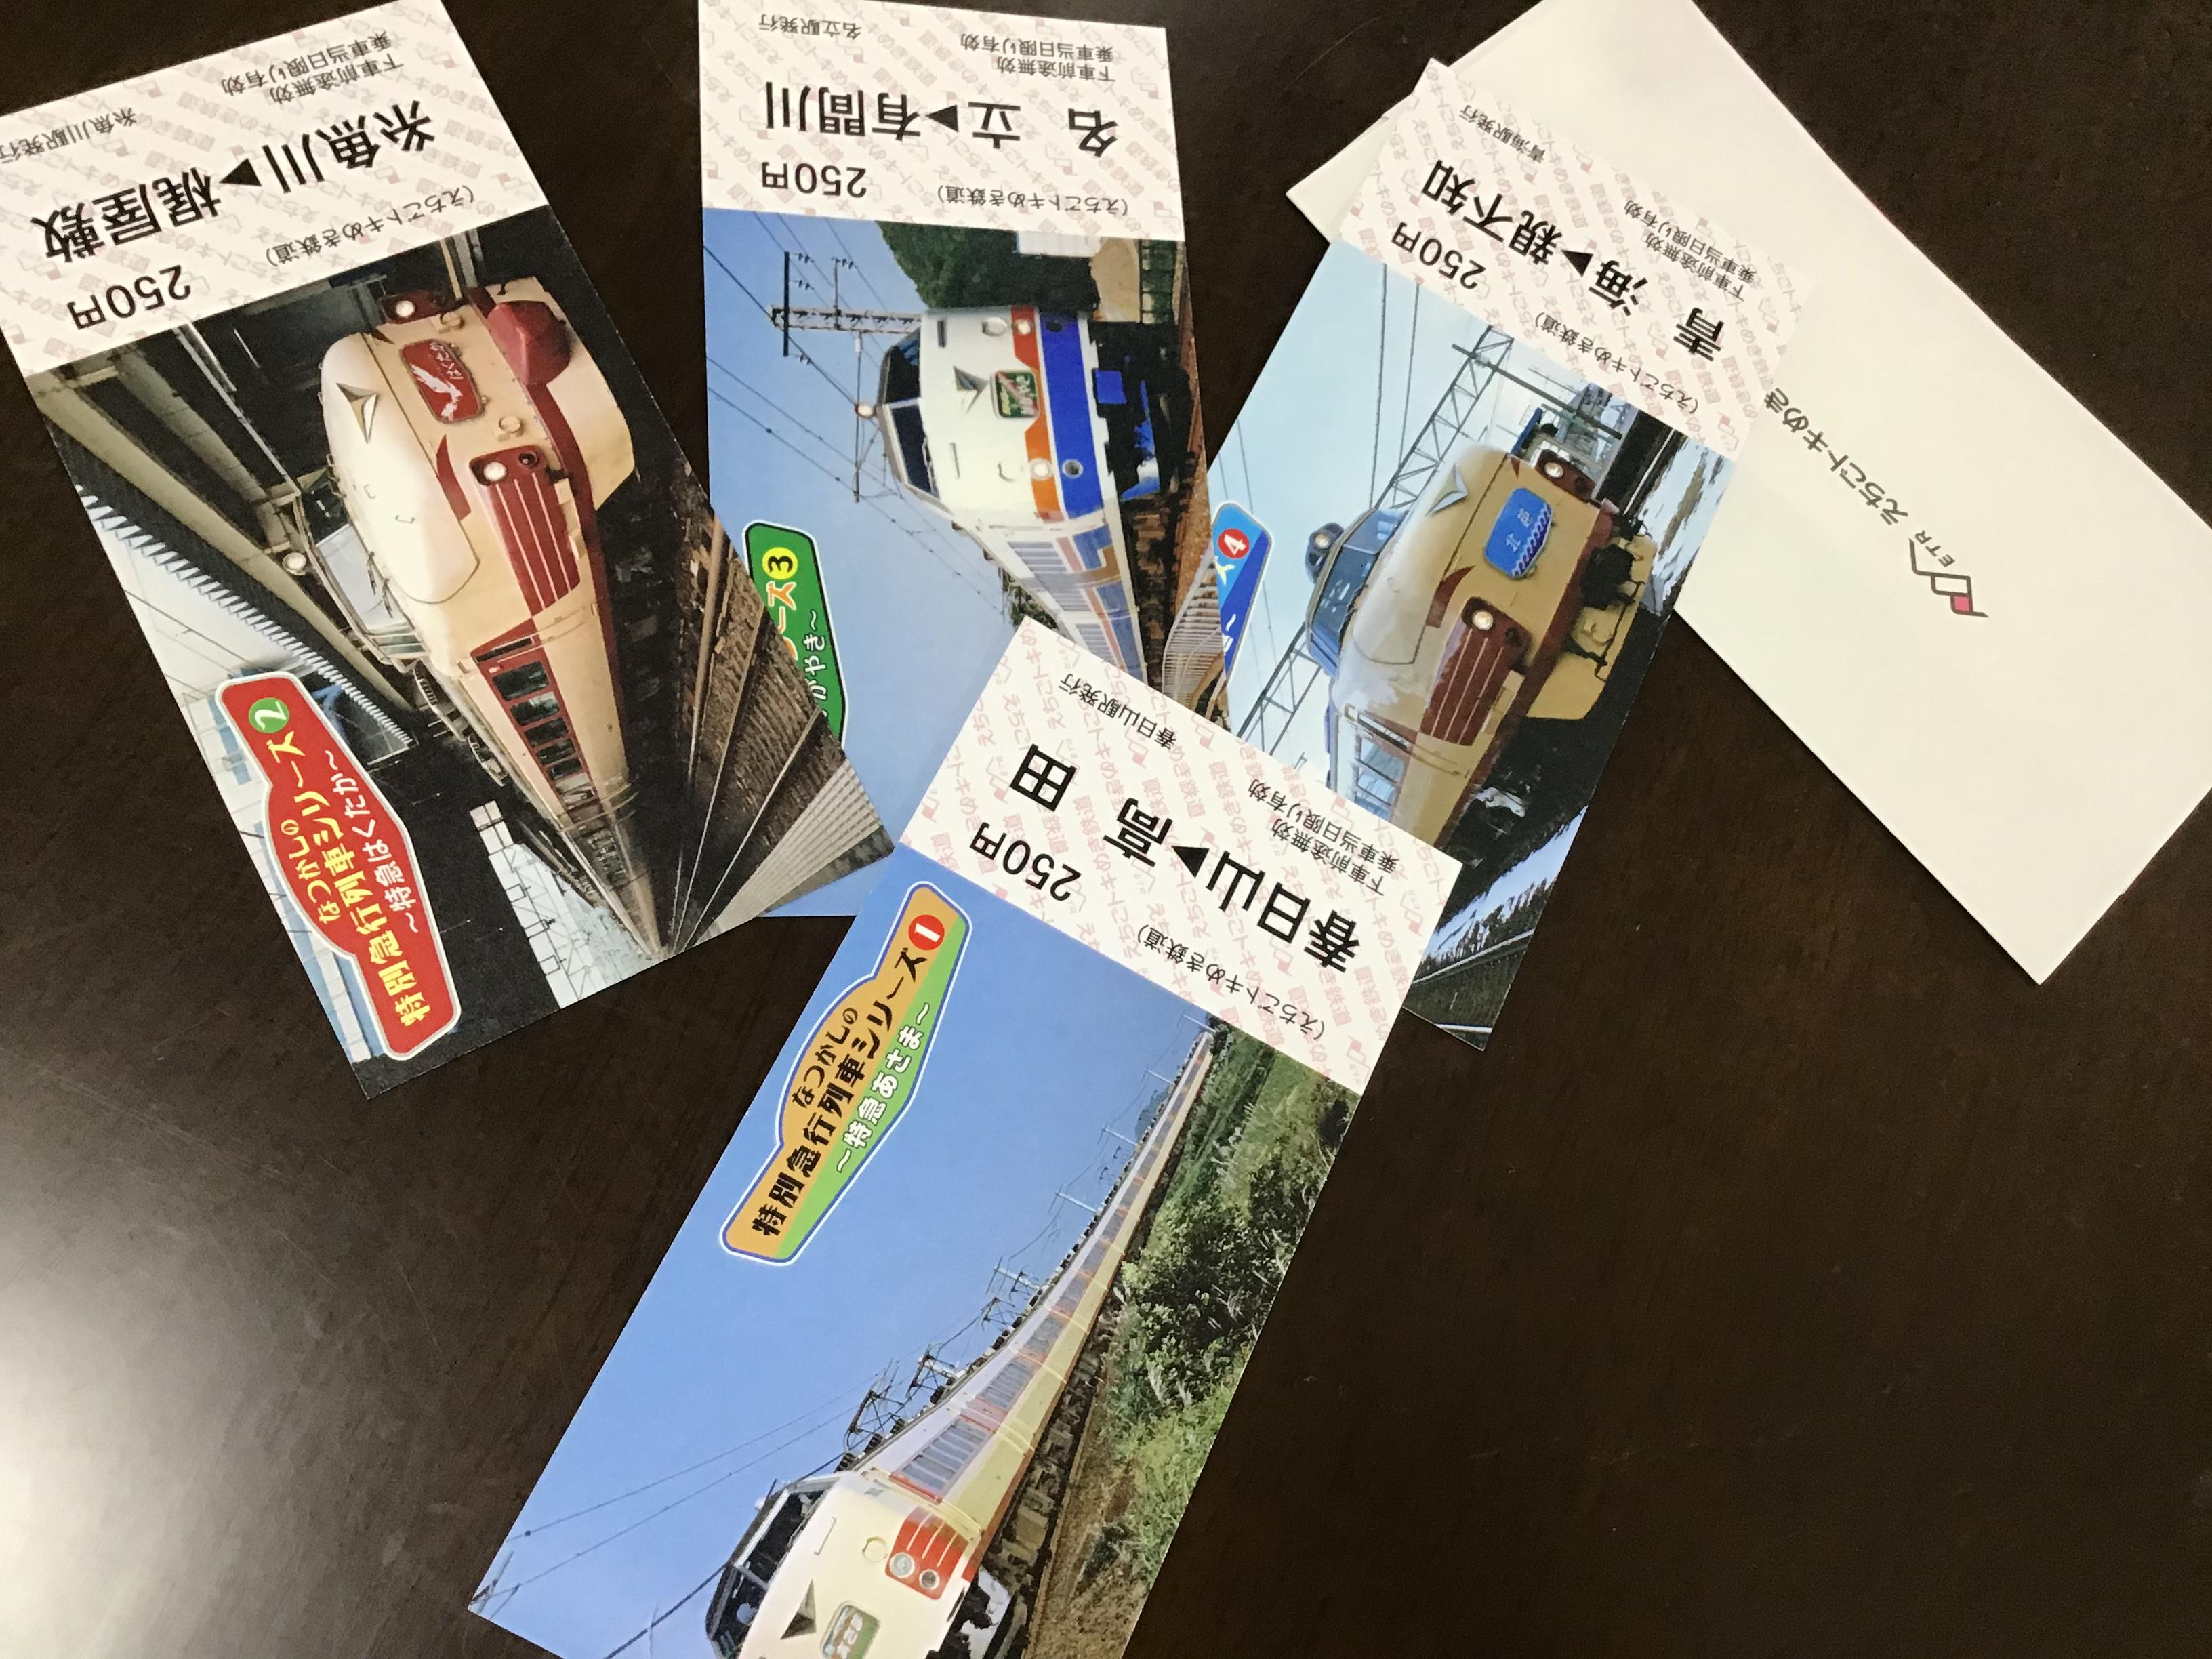 懐かしの特別急行列車シリーズ記念乗車券の状況報告